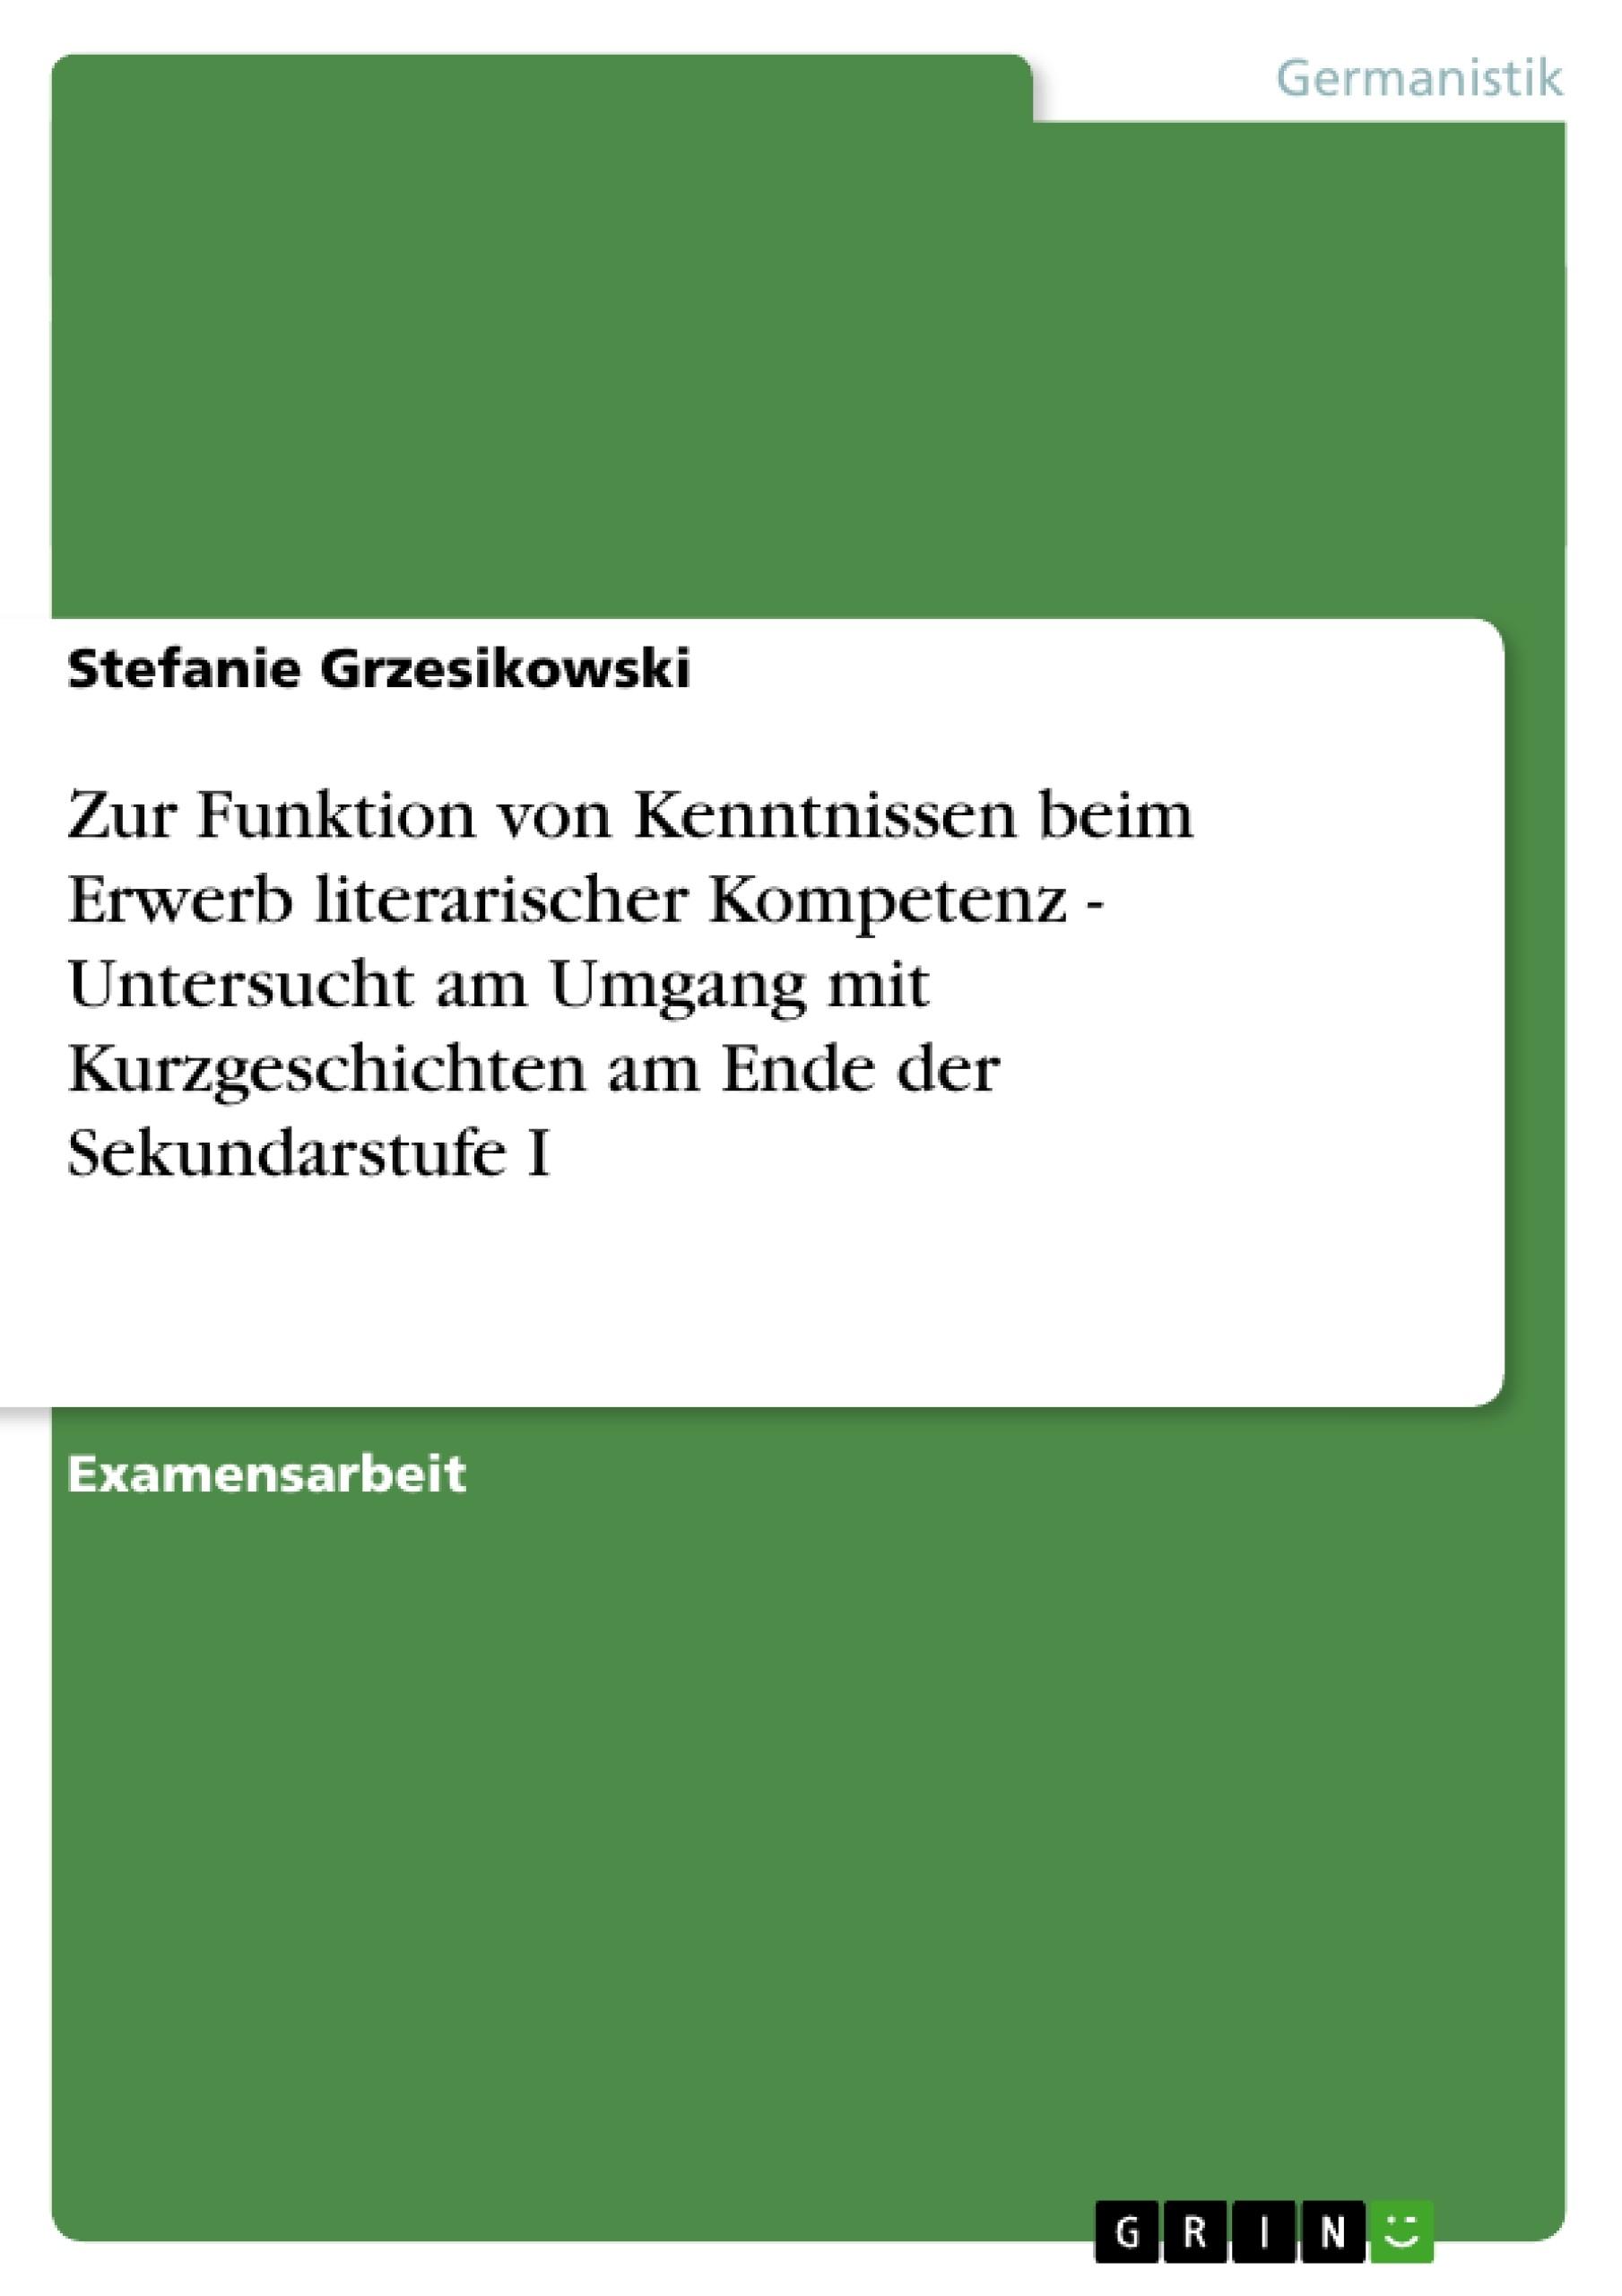 Titel: Zur Funktion von Kenntnissen beim Erwerb literarischer Kompetenz - Untersucht am Umgang mit Kurzgeschichten am Ende der Sekundarstufe I